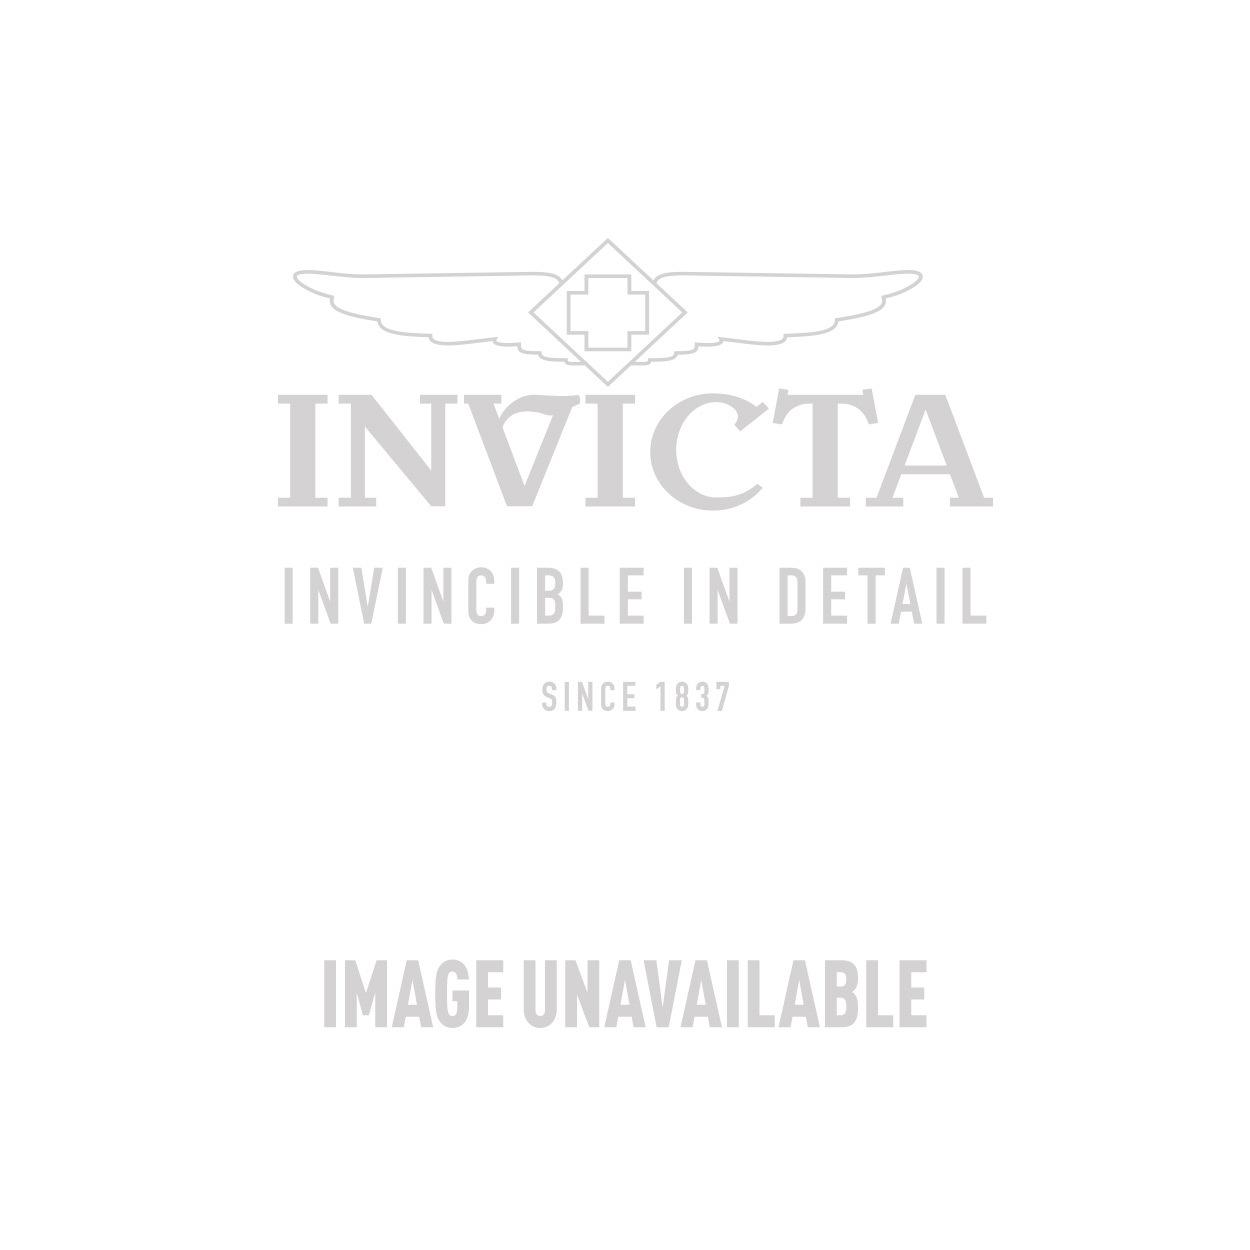 Invicta Model 29773